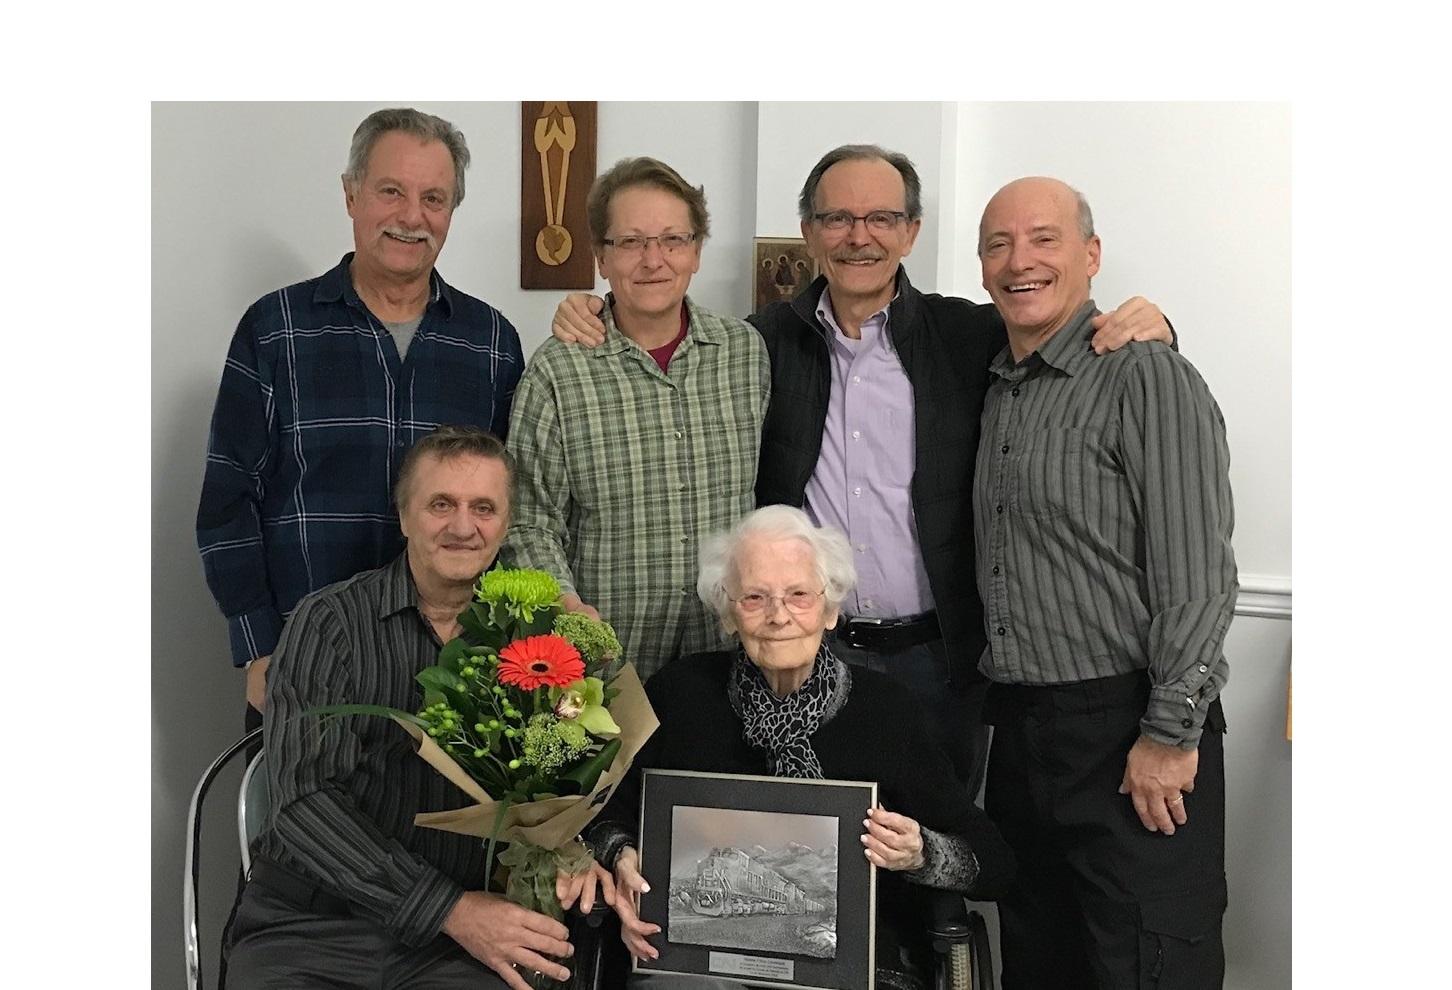 Hélène Fillion-Levesque est entourée de quatre de ses cinq enfants. À l'avant, William Théberge du CN et la centenaire. À l'arrière ses enfants : Réjean, Lynda, Christian et Benoit Levesque. Absent de la photo, Jacques.